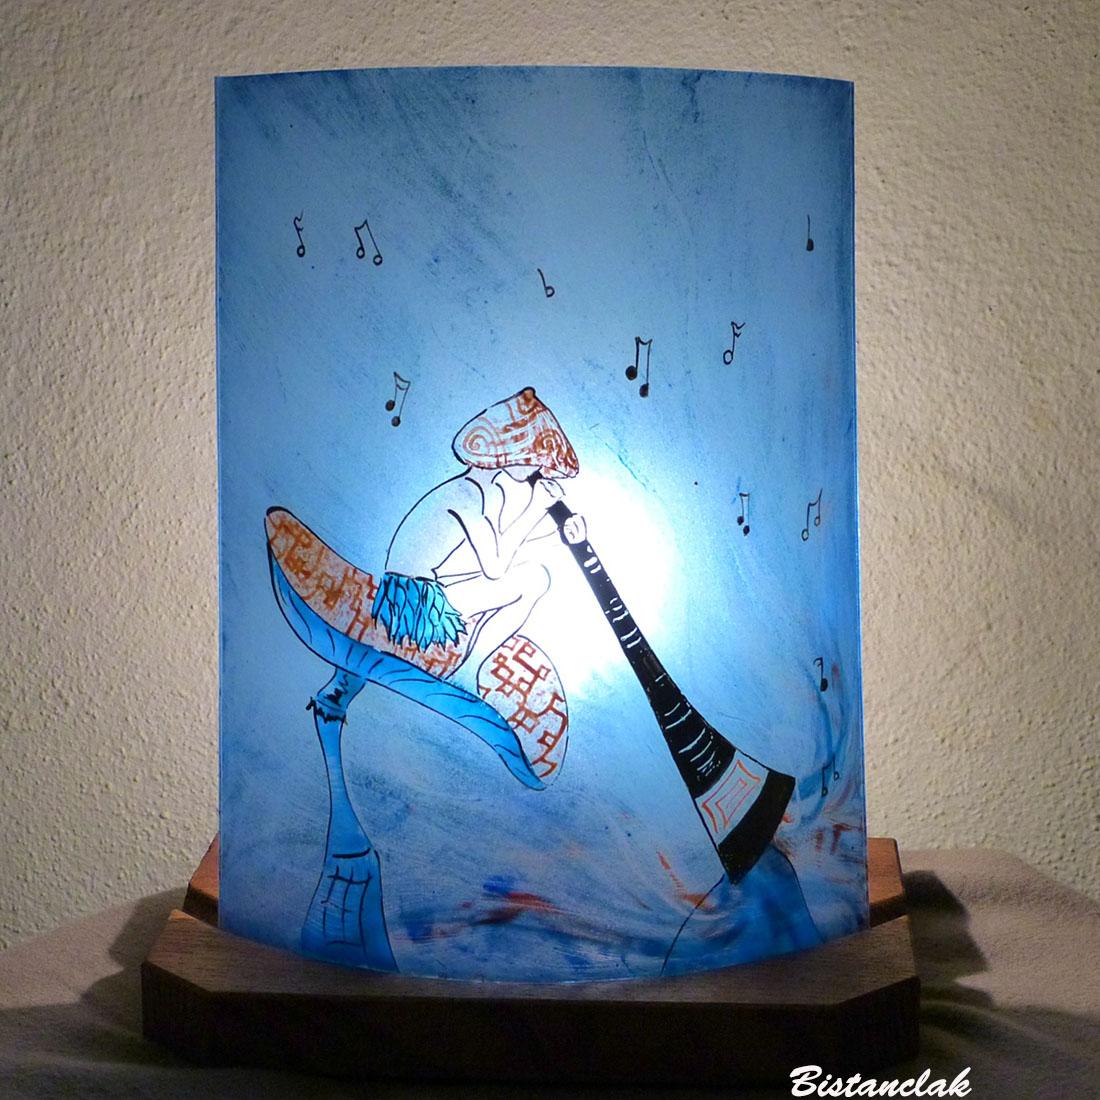 lampe décorative bleu et orange au motif d'un lutin joueur de didjeridoo vendue en ligne